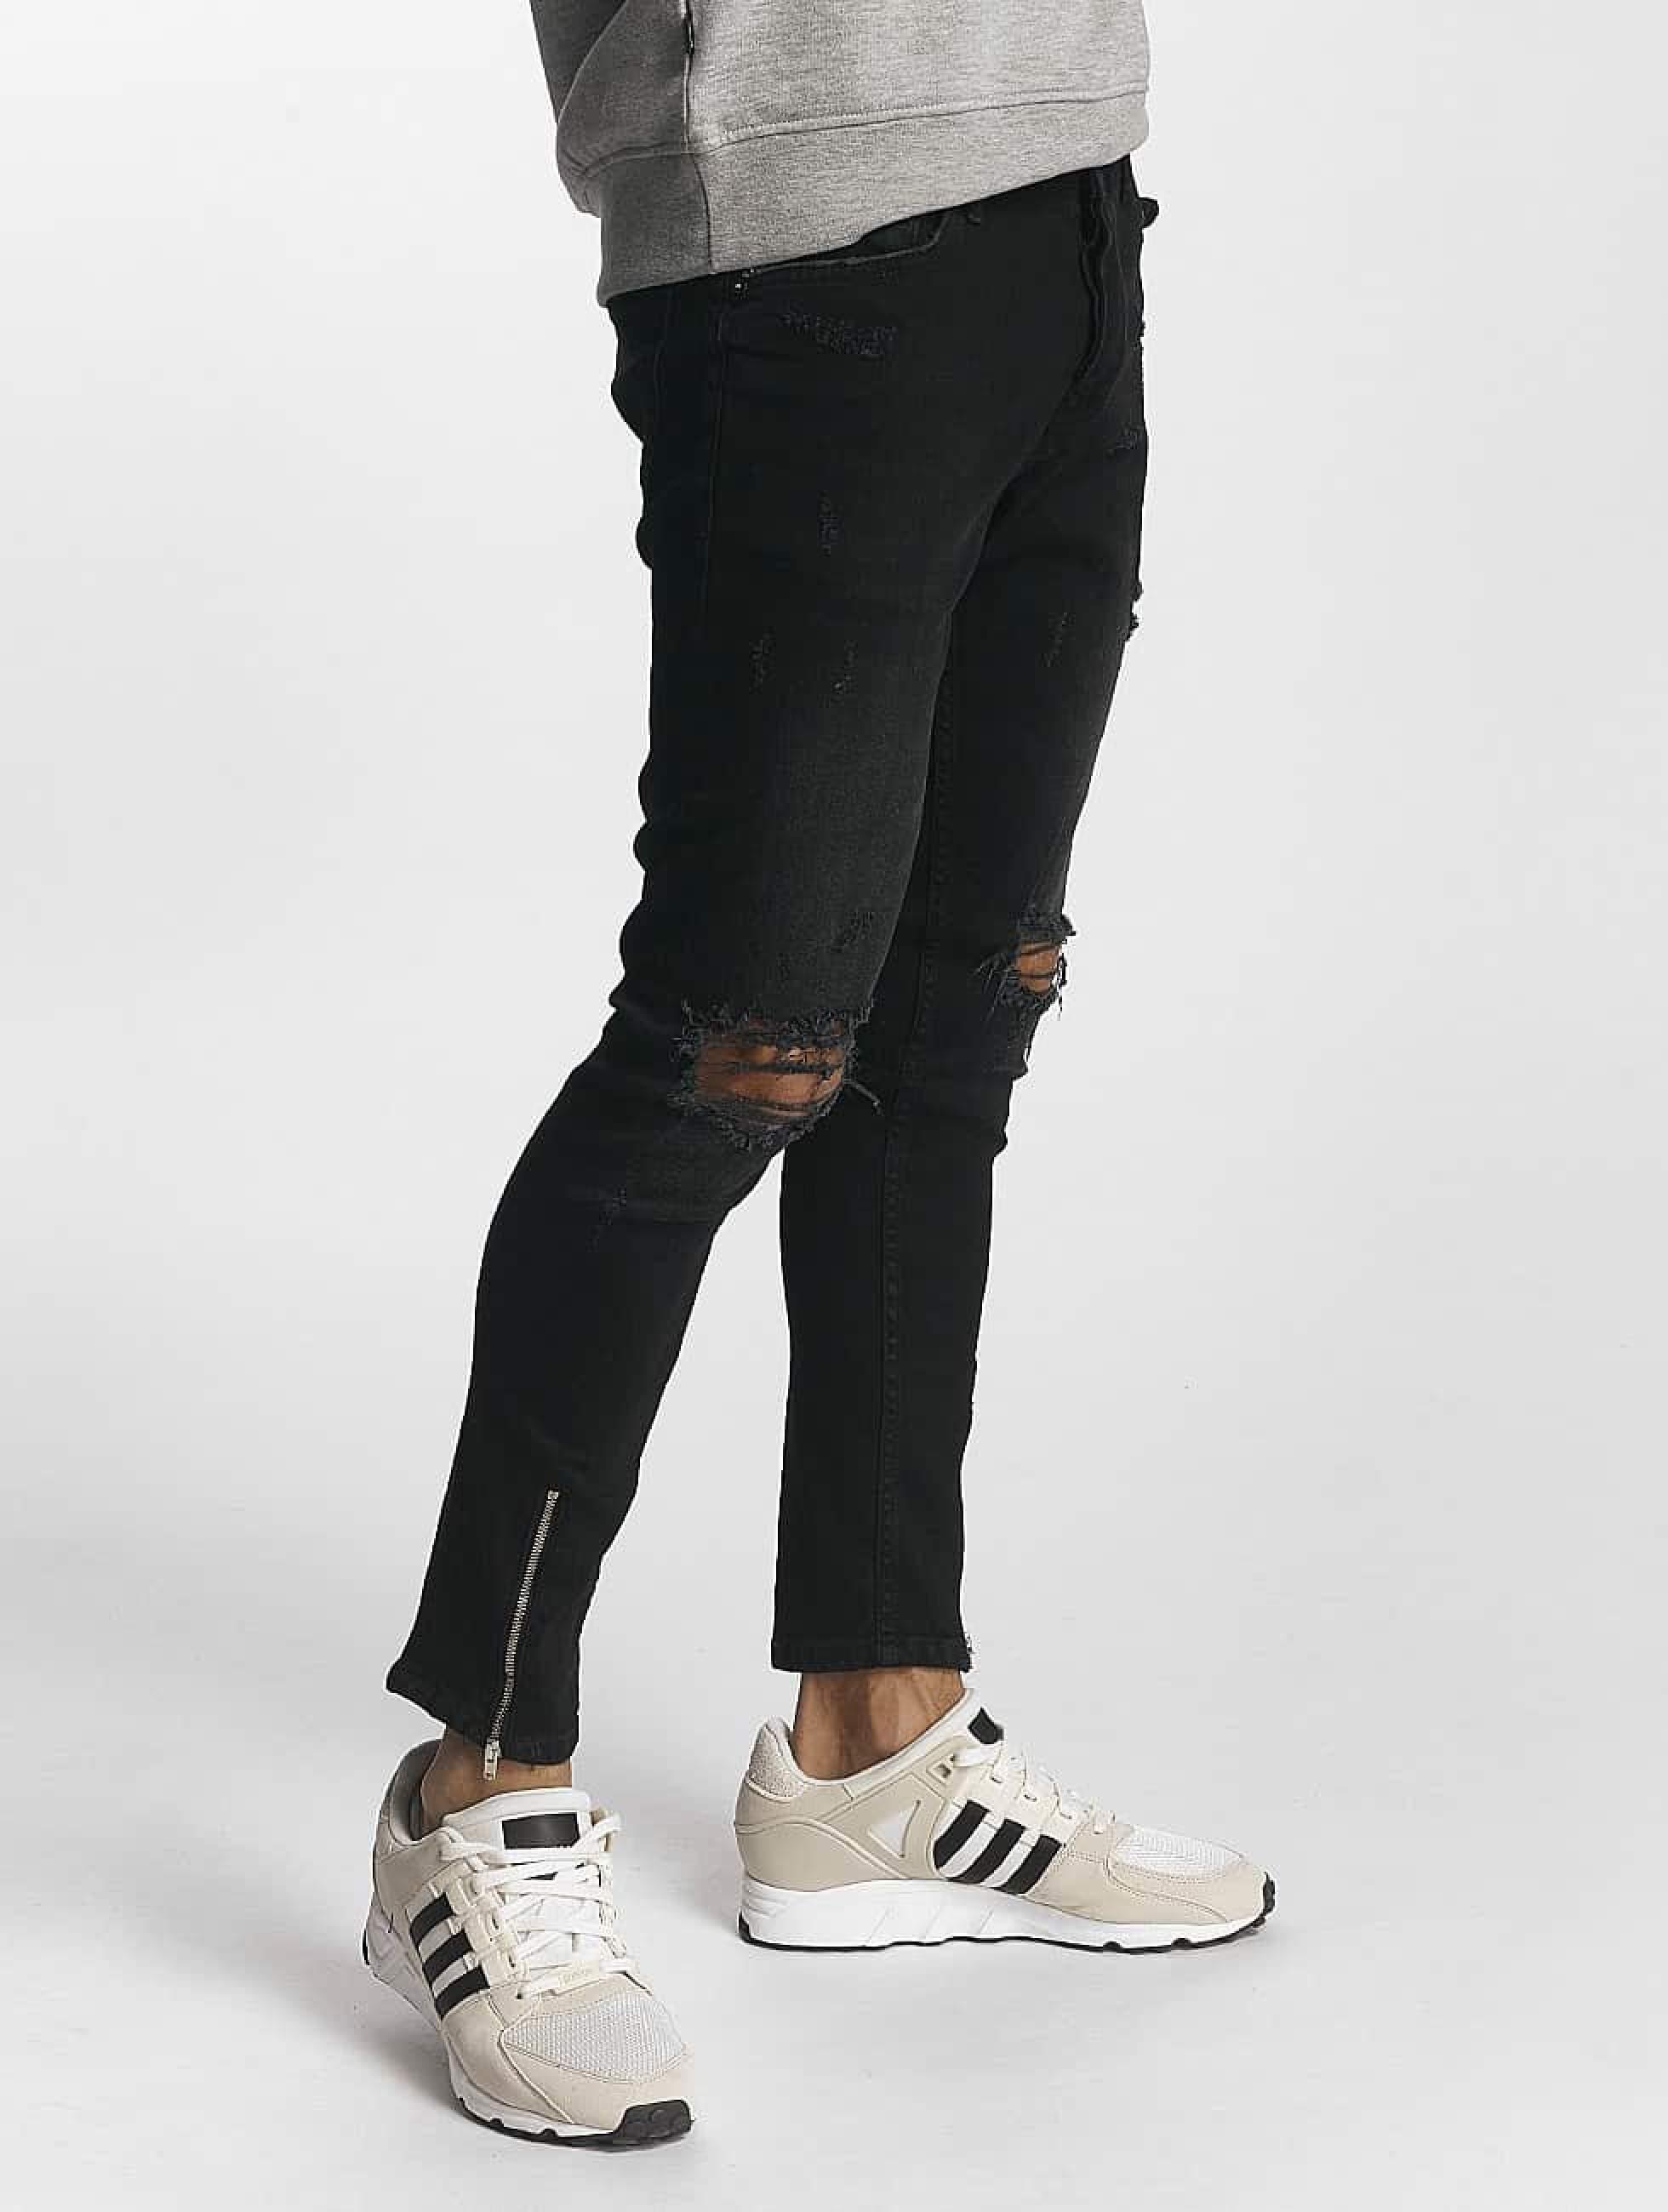 2Y / Skinny Jeans Samuel in black W 36